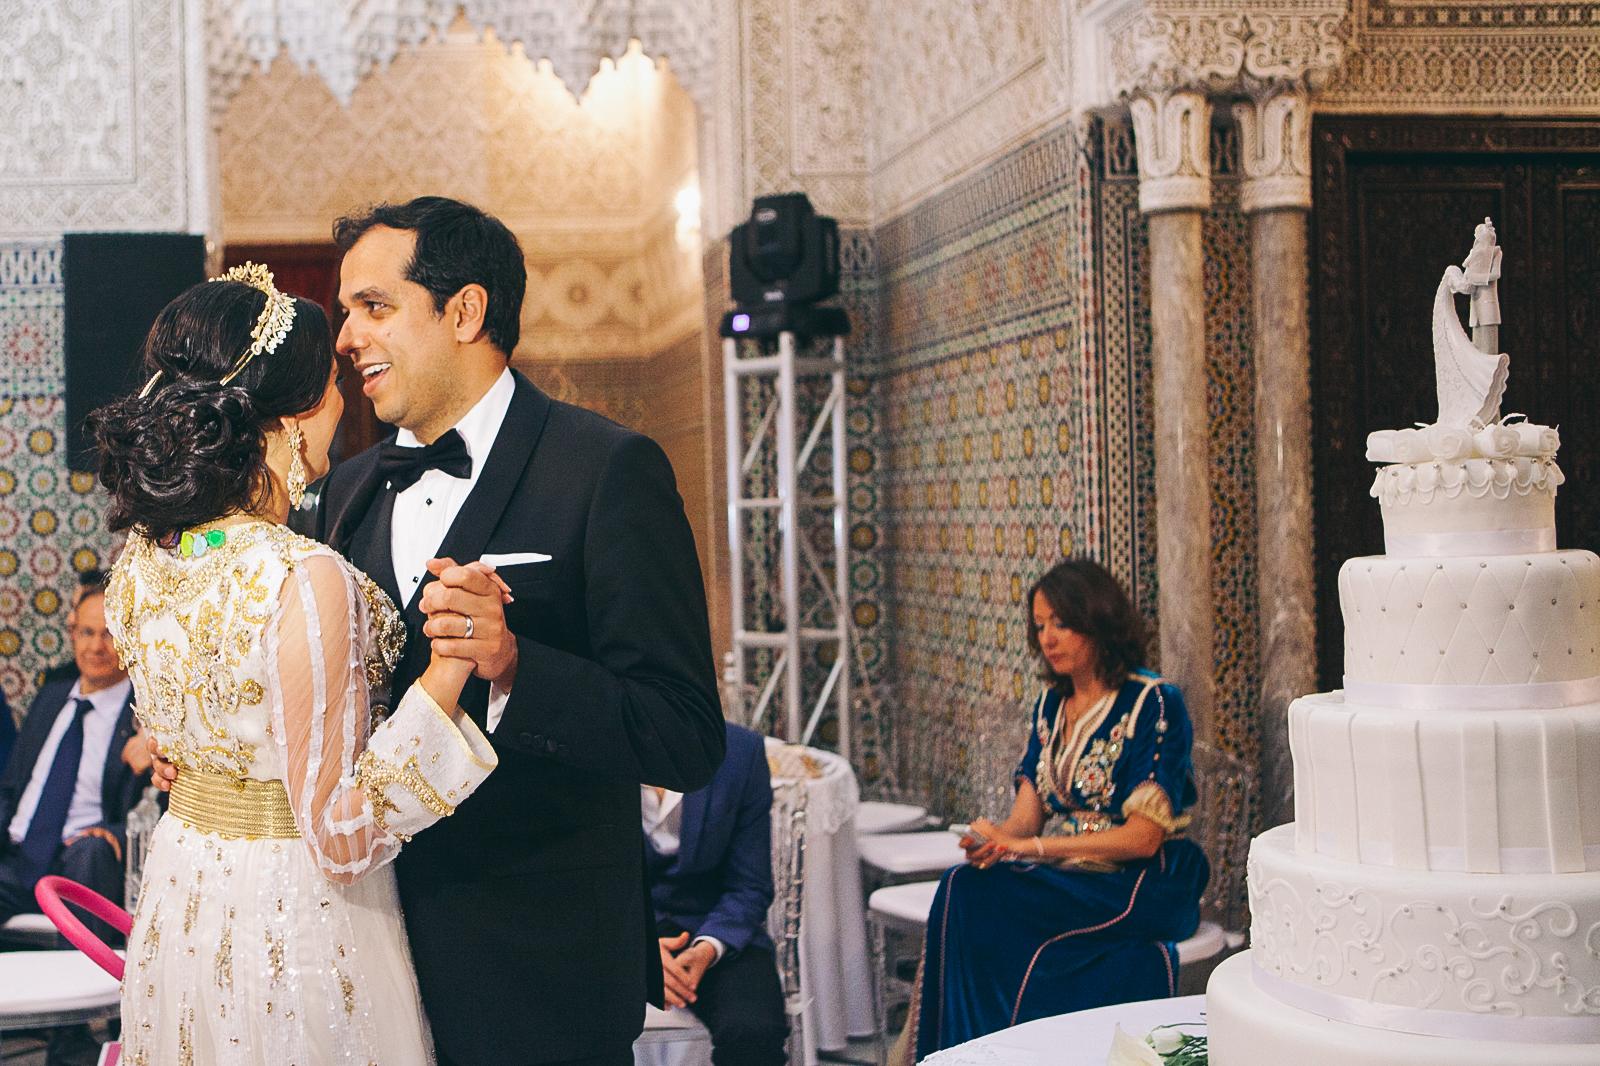 traditional_moroccan_wedding_photographry_casablanca_morocco_houda_vivek_ebony_siovhan_bokeh_photography_165.jpg